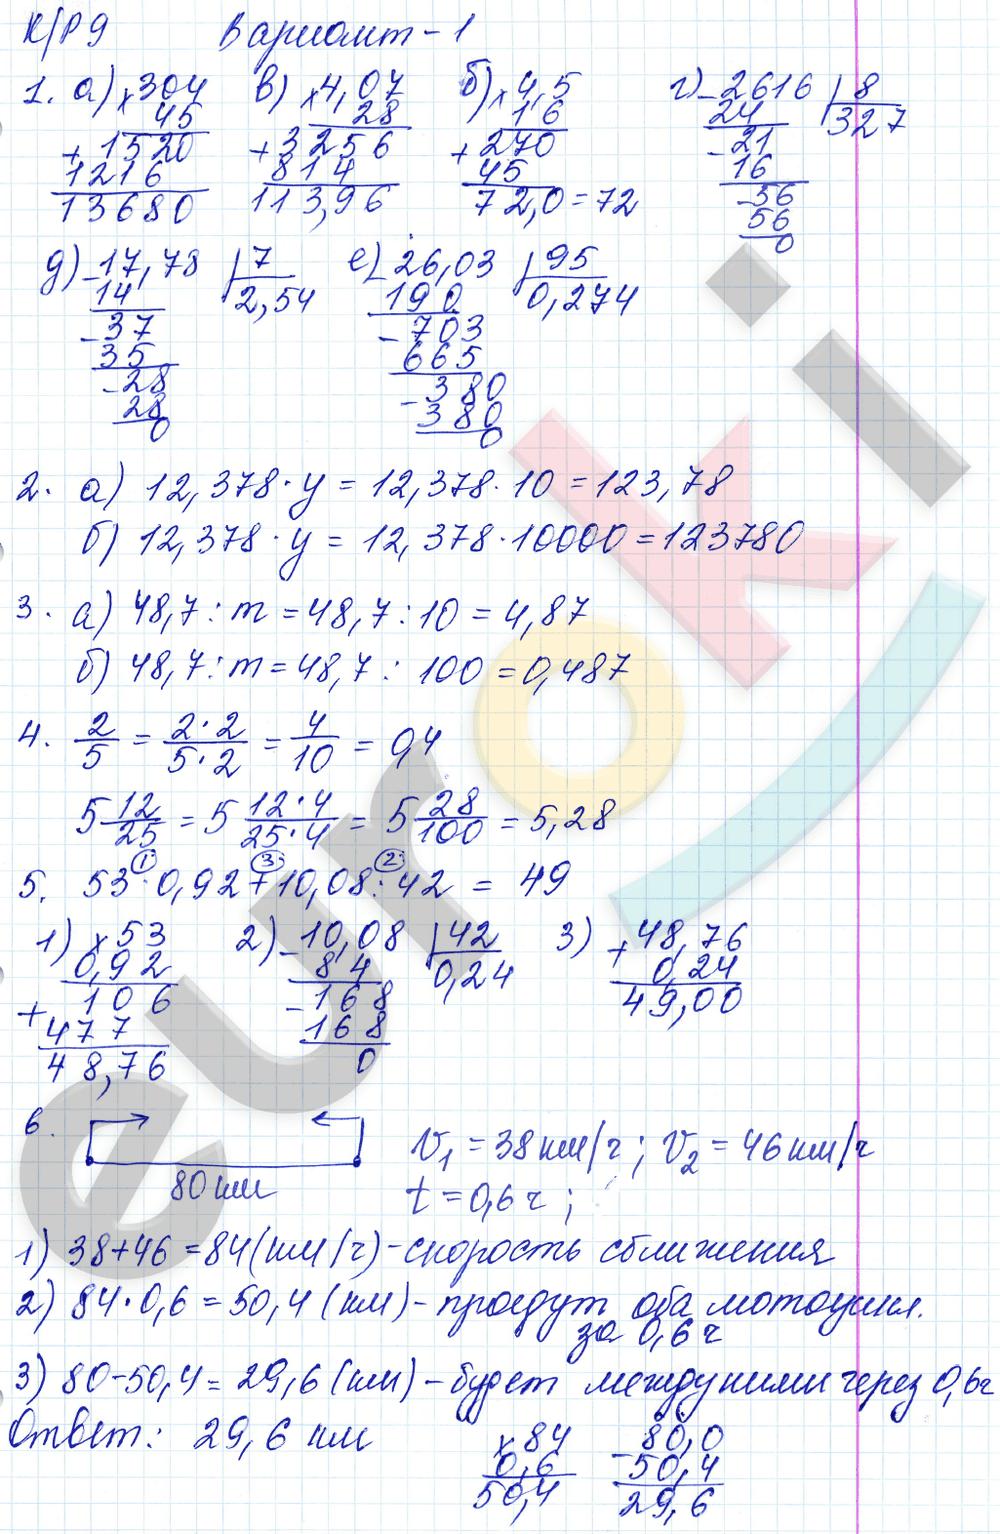 ГДЗ по математике 5 класс контрольные работы Дудницын, Кронгауз Экзамен ответы и решения онлайн КР-9. Умножение и деление десятичных дробей на натуральное число. Задание: Вариант 1